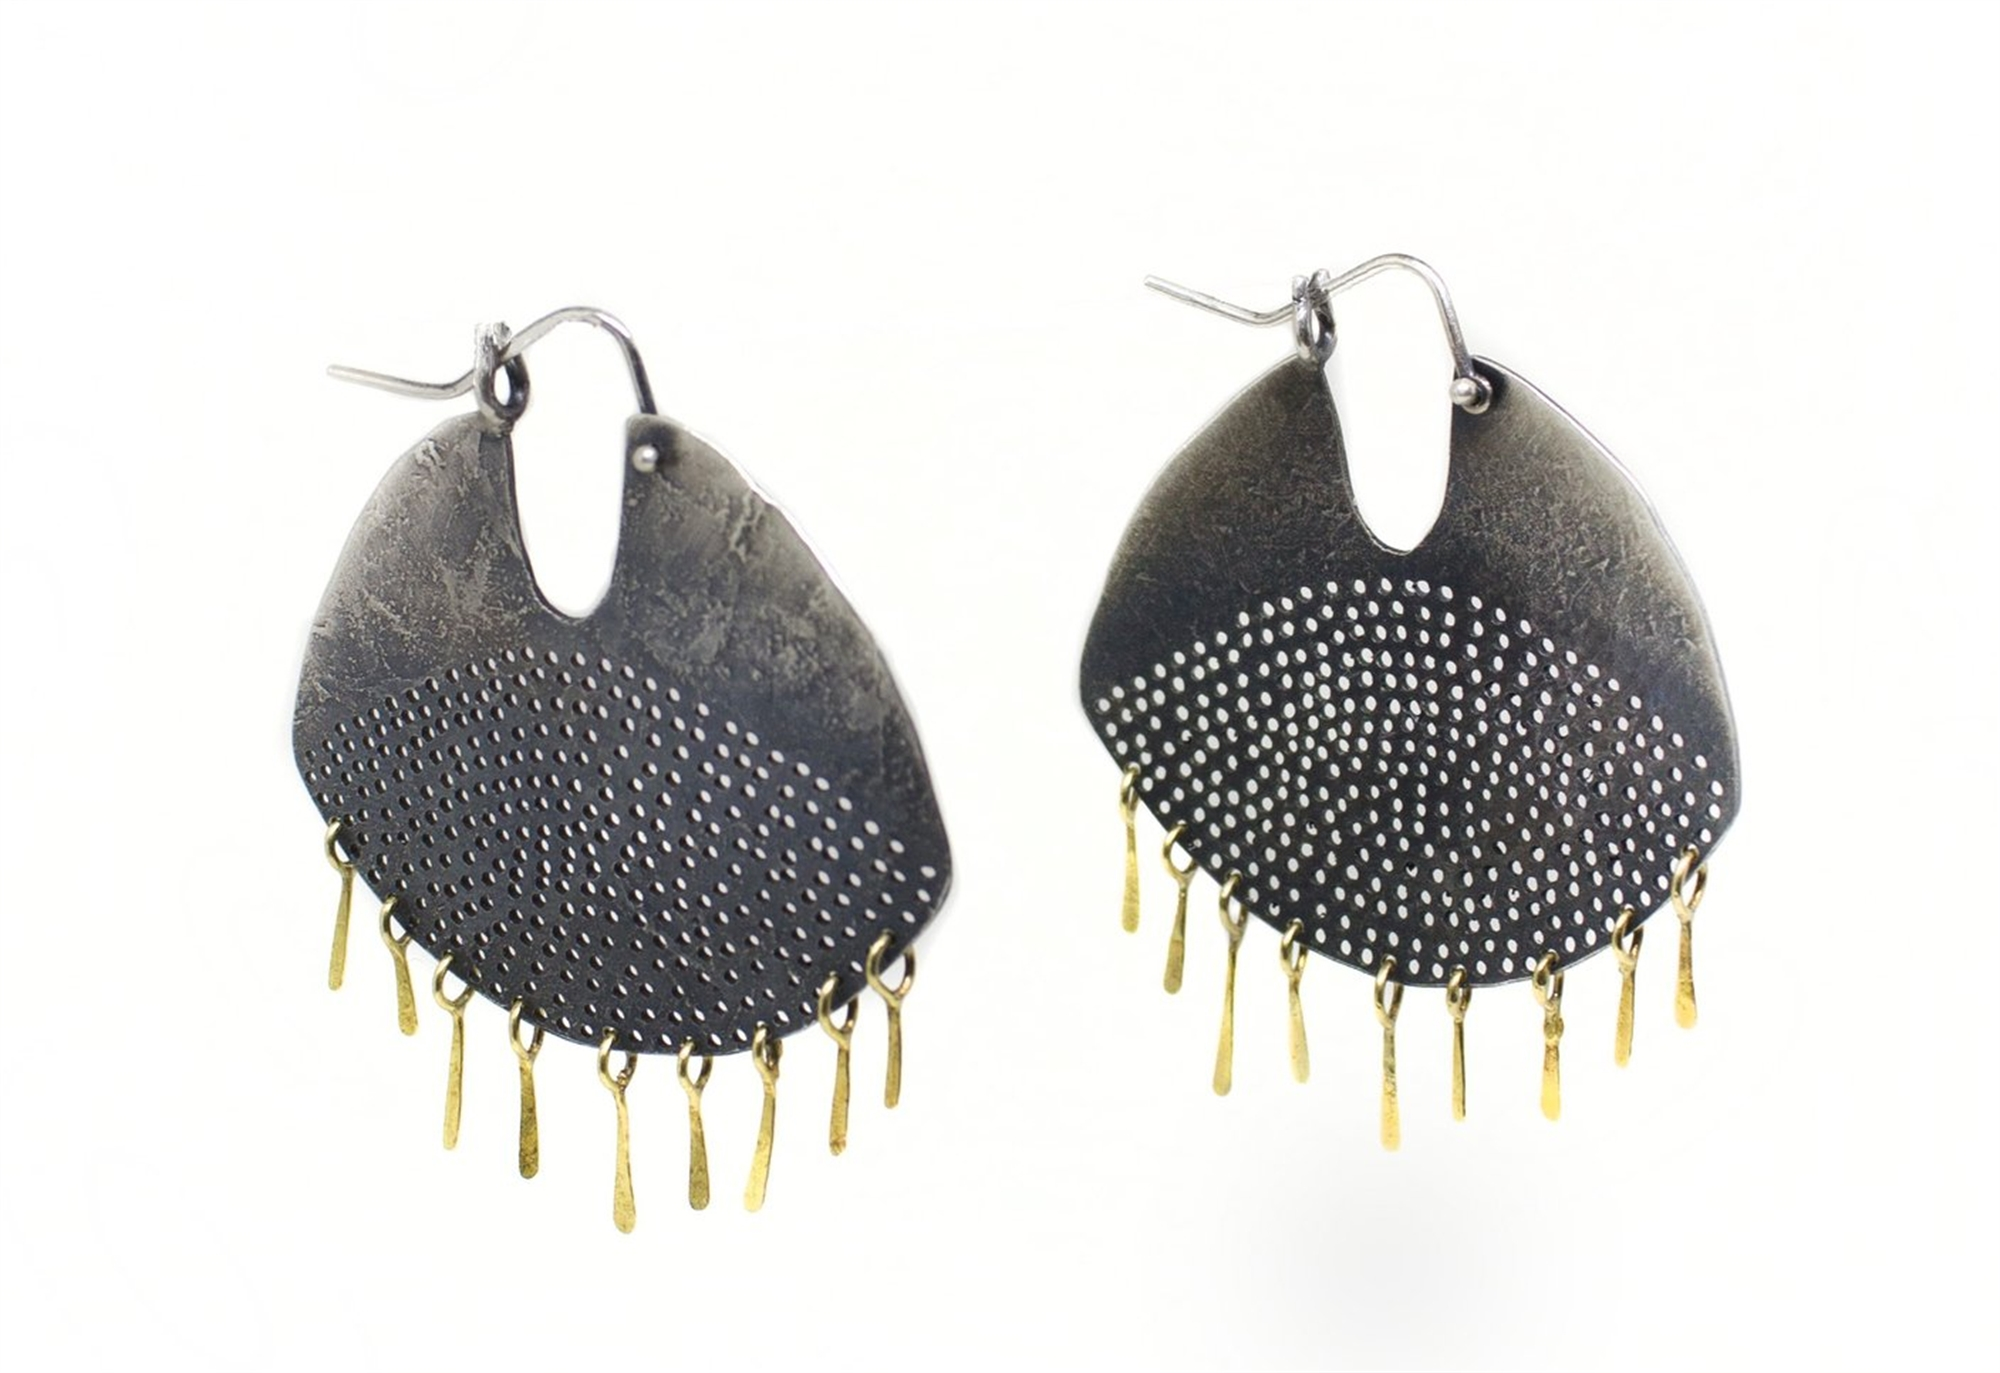 Gibbous Fringe Earrings by Leia Zumbro